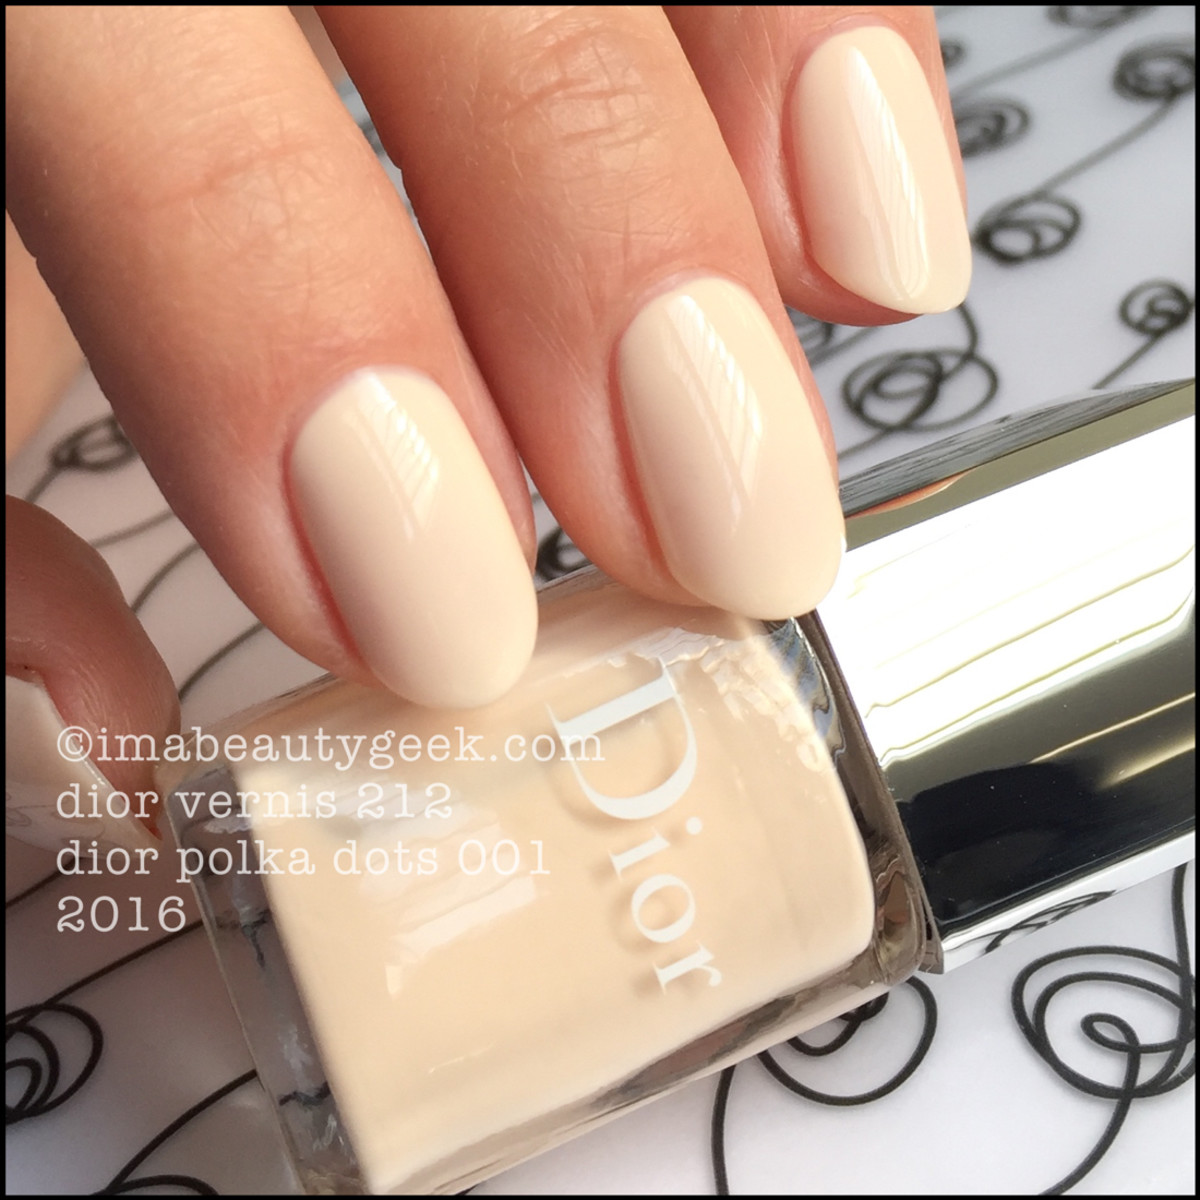 Dior Polka Dots 001_Dior Vernis 212 Summer 2016